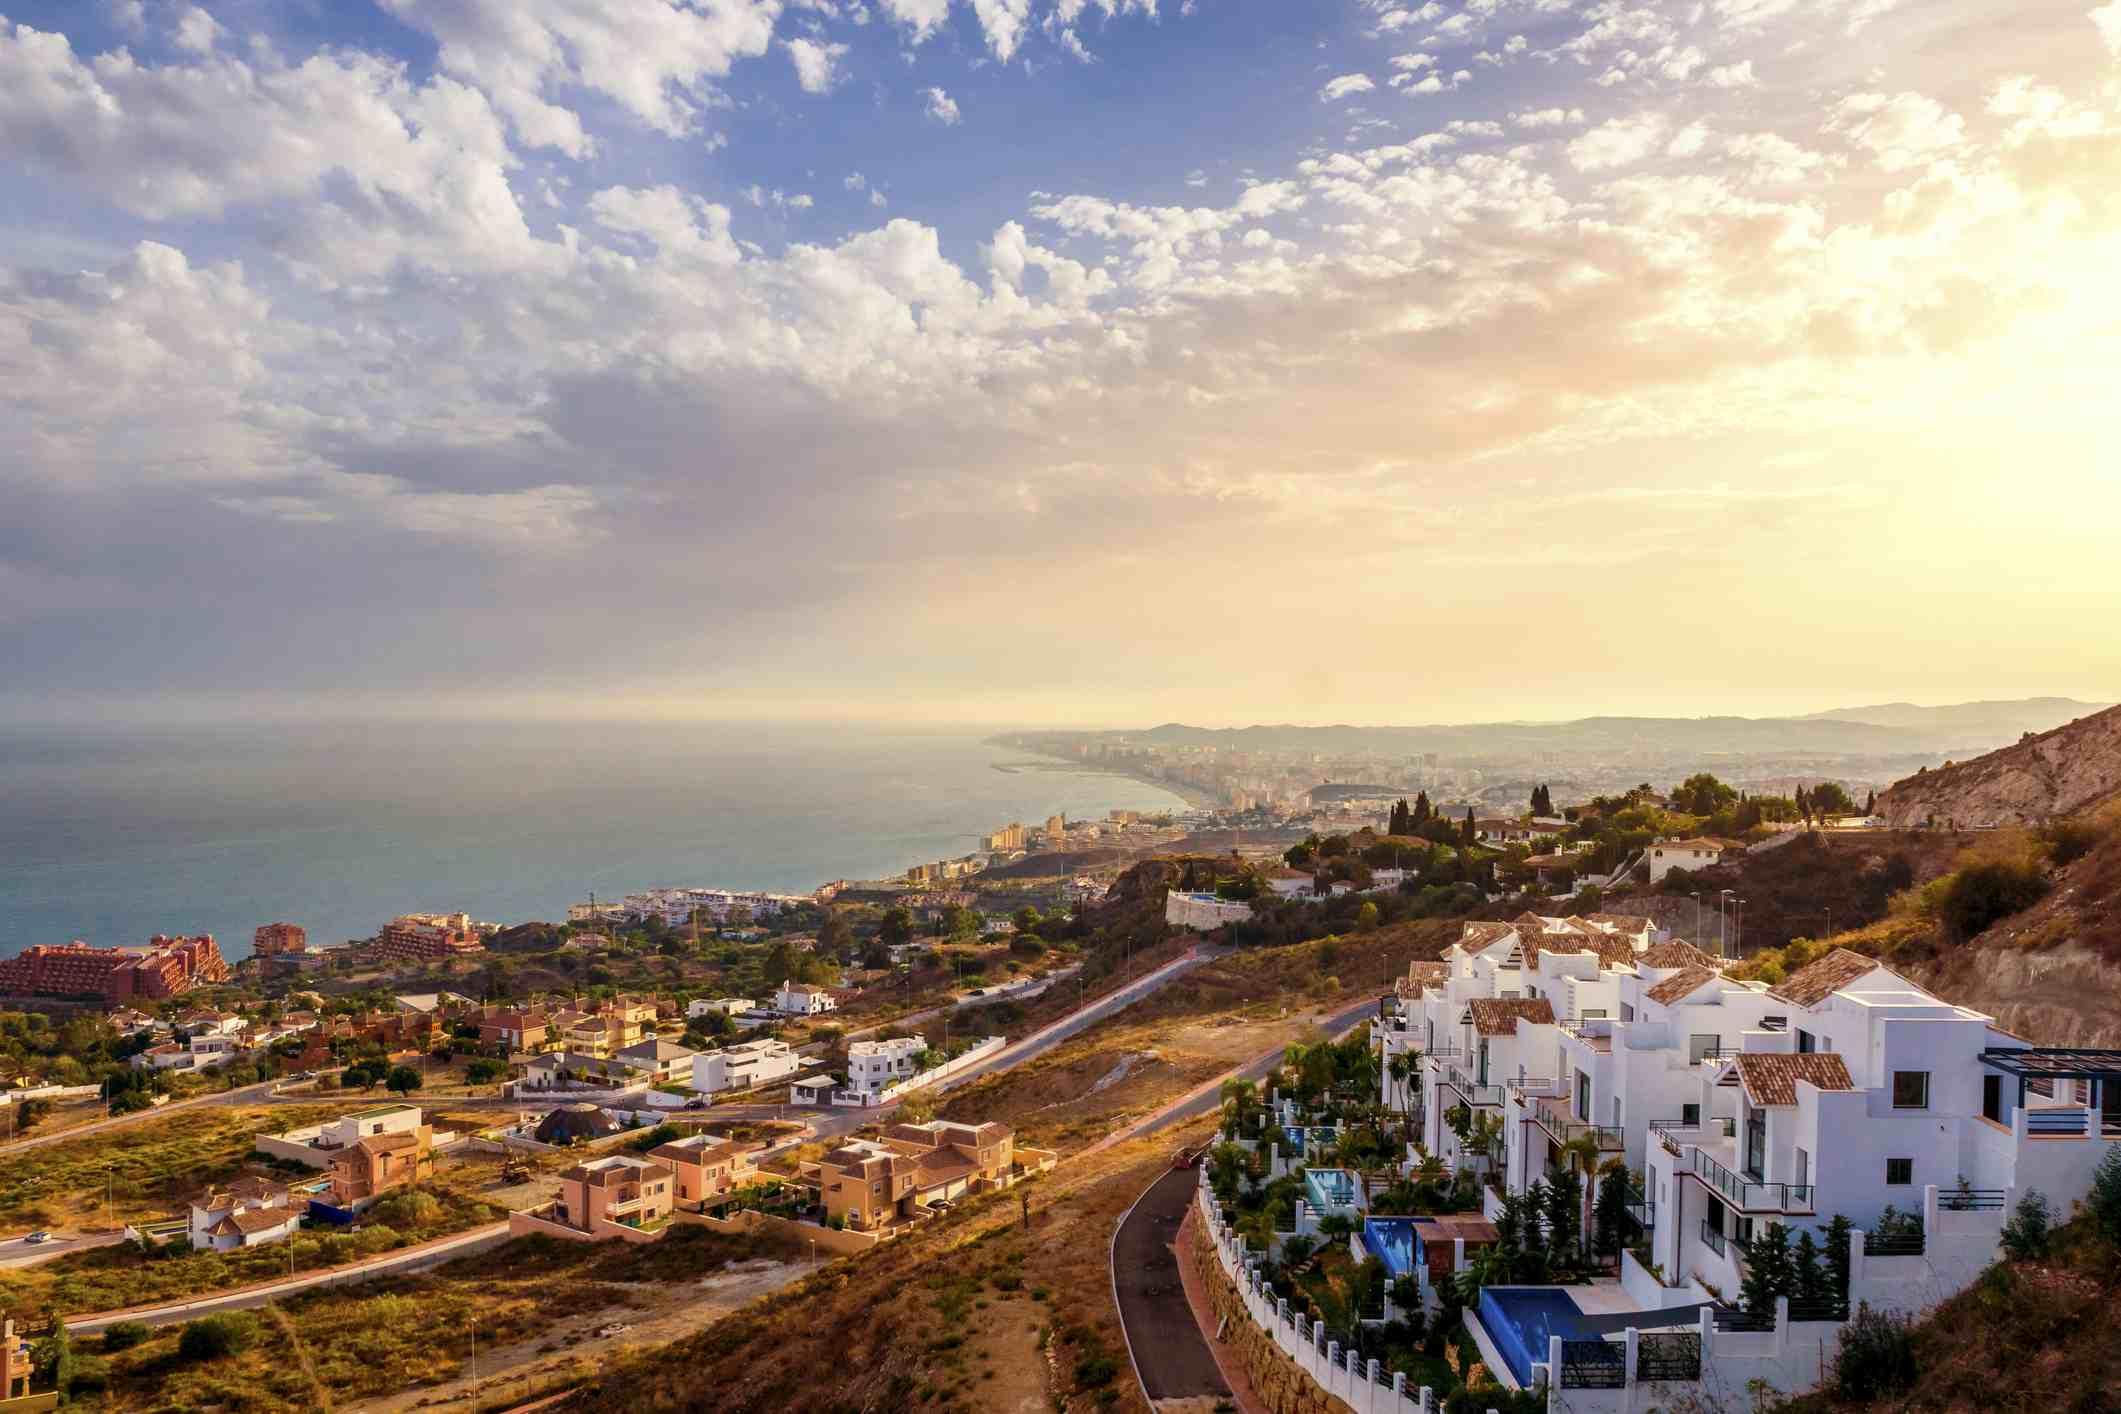 Andalusia, Malaga Province, Spain